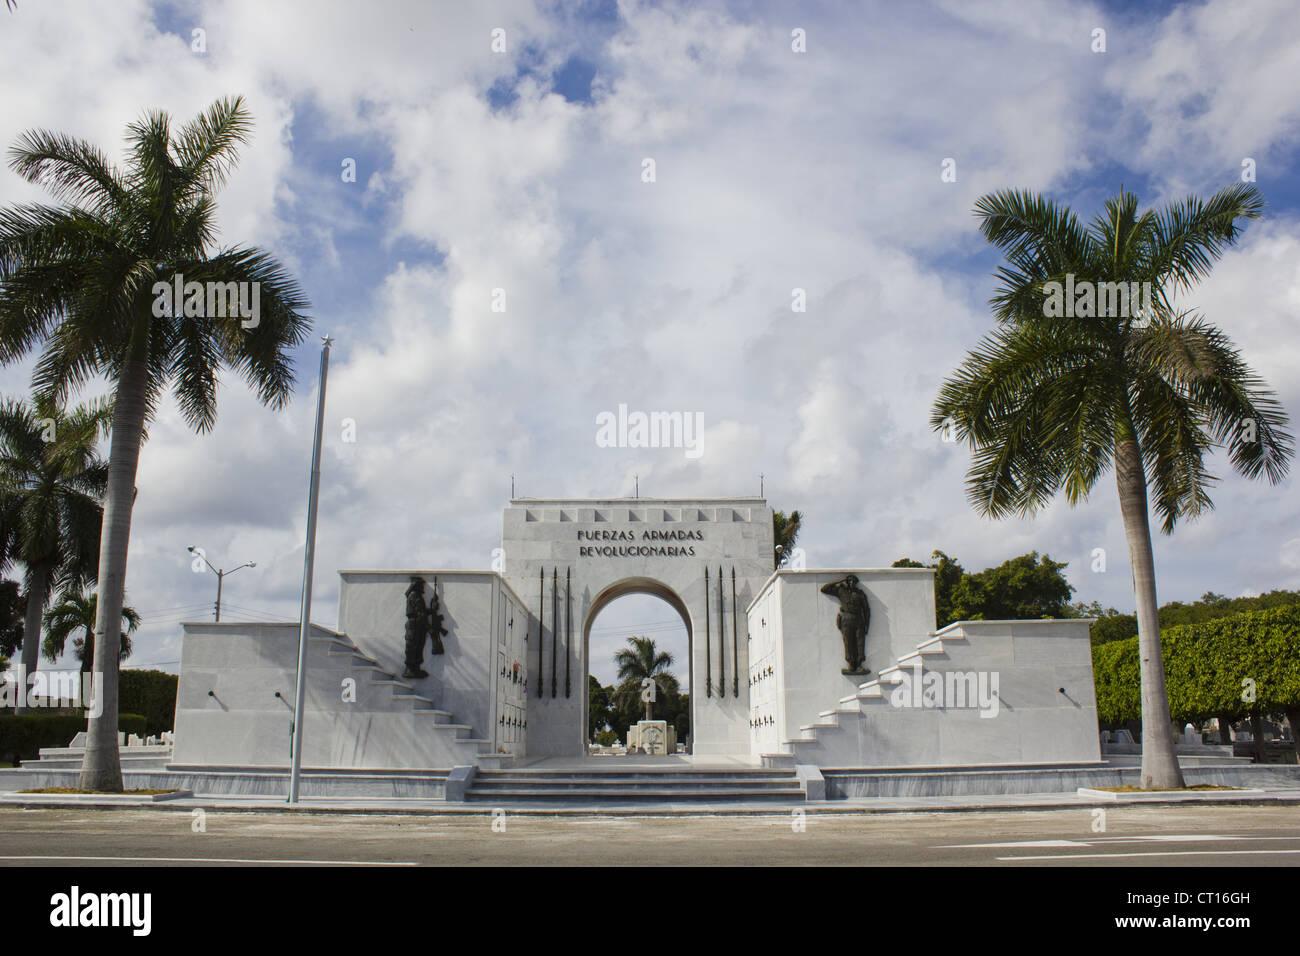 Verzierten Eingang zum Park mit Palmen Stockbild